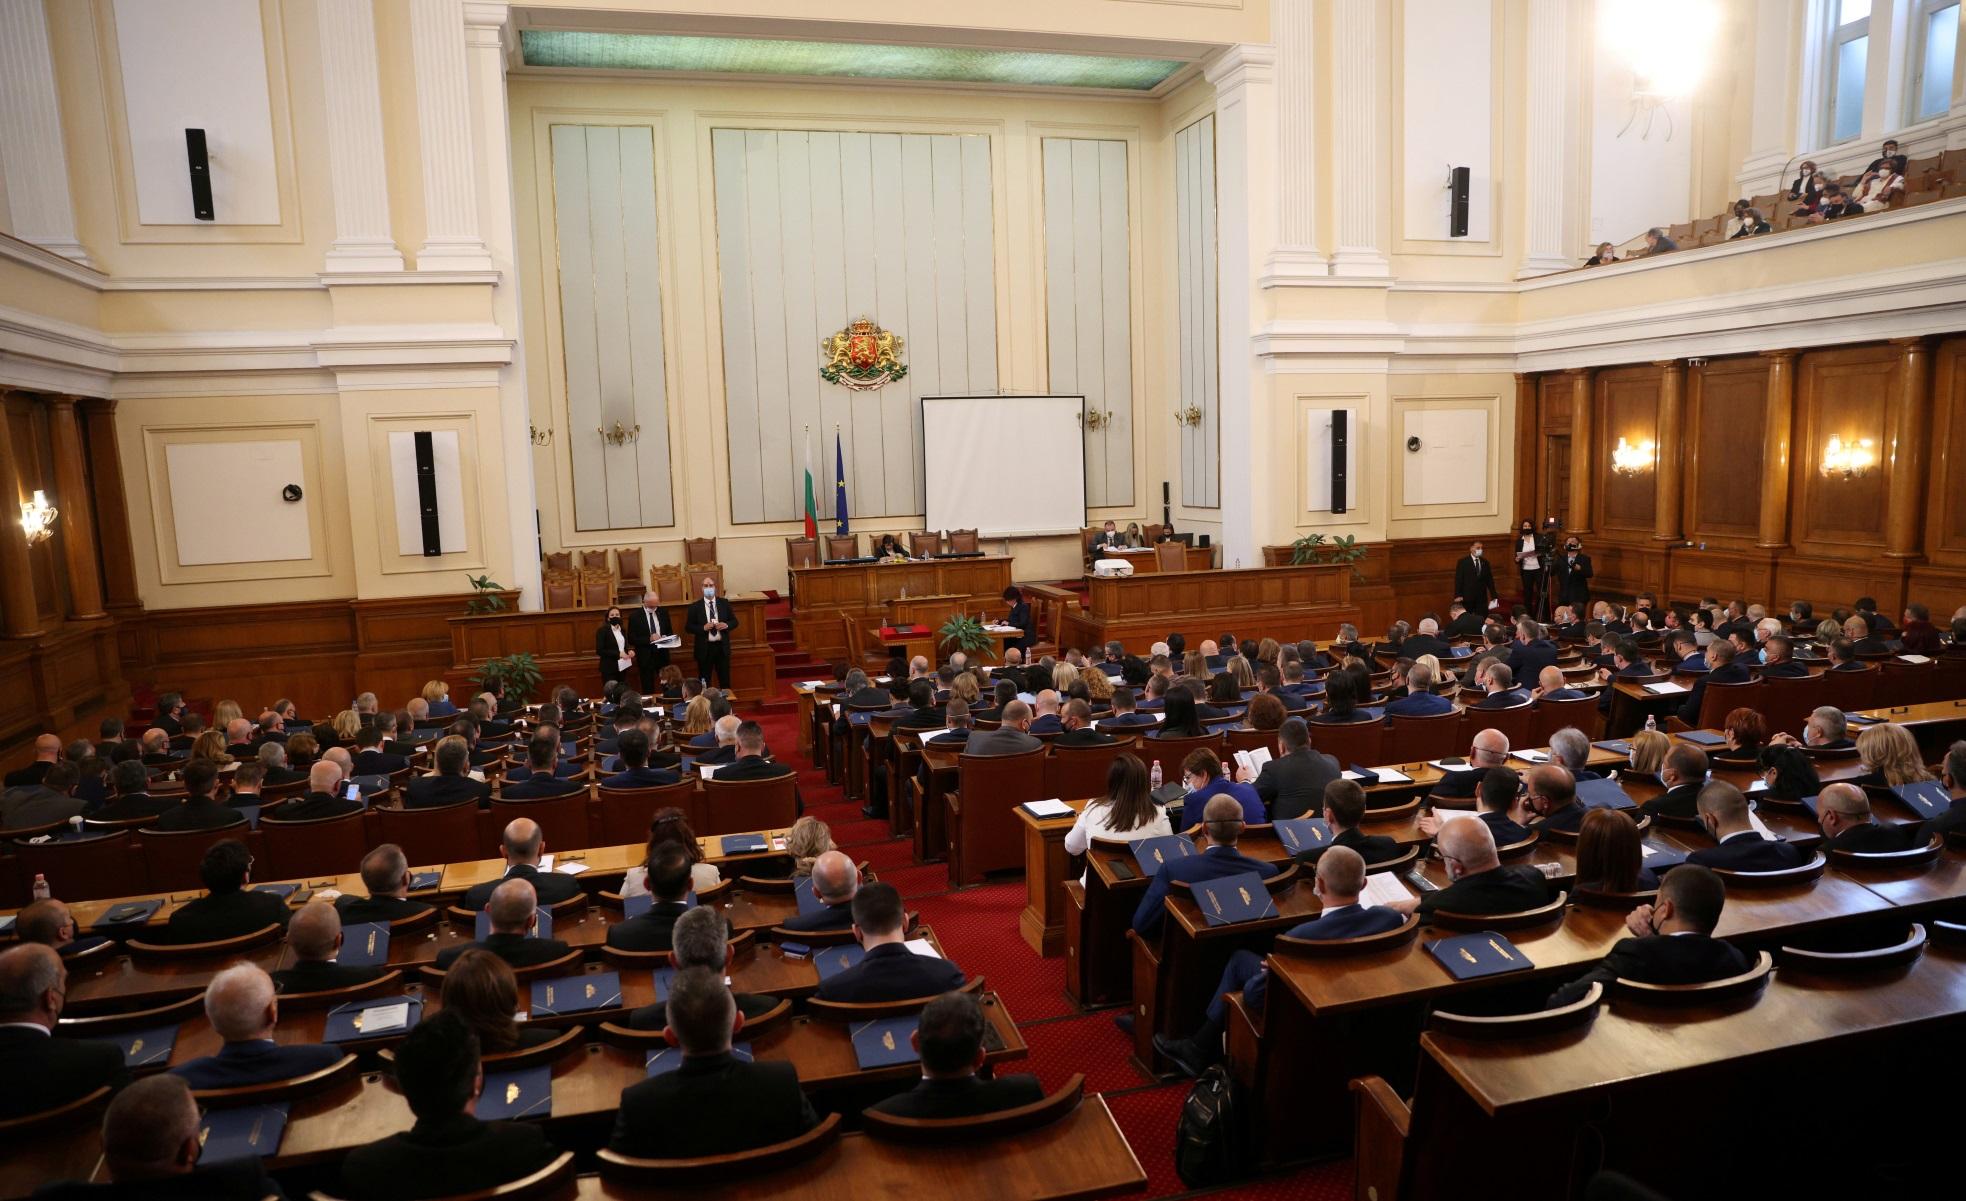 Βουλγαρία: Εντολή στο 3ο κόμμα για σχηματισμό κυβέρνησης, αλλιώς ξανά εκλογές